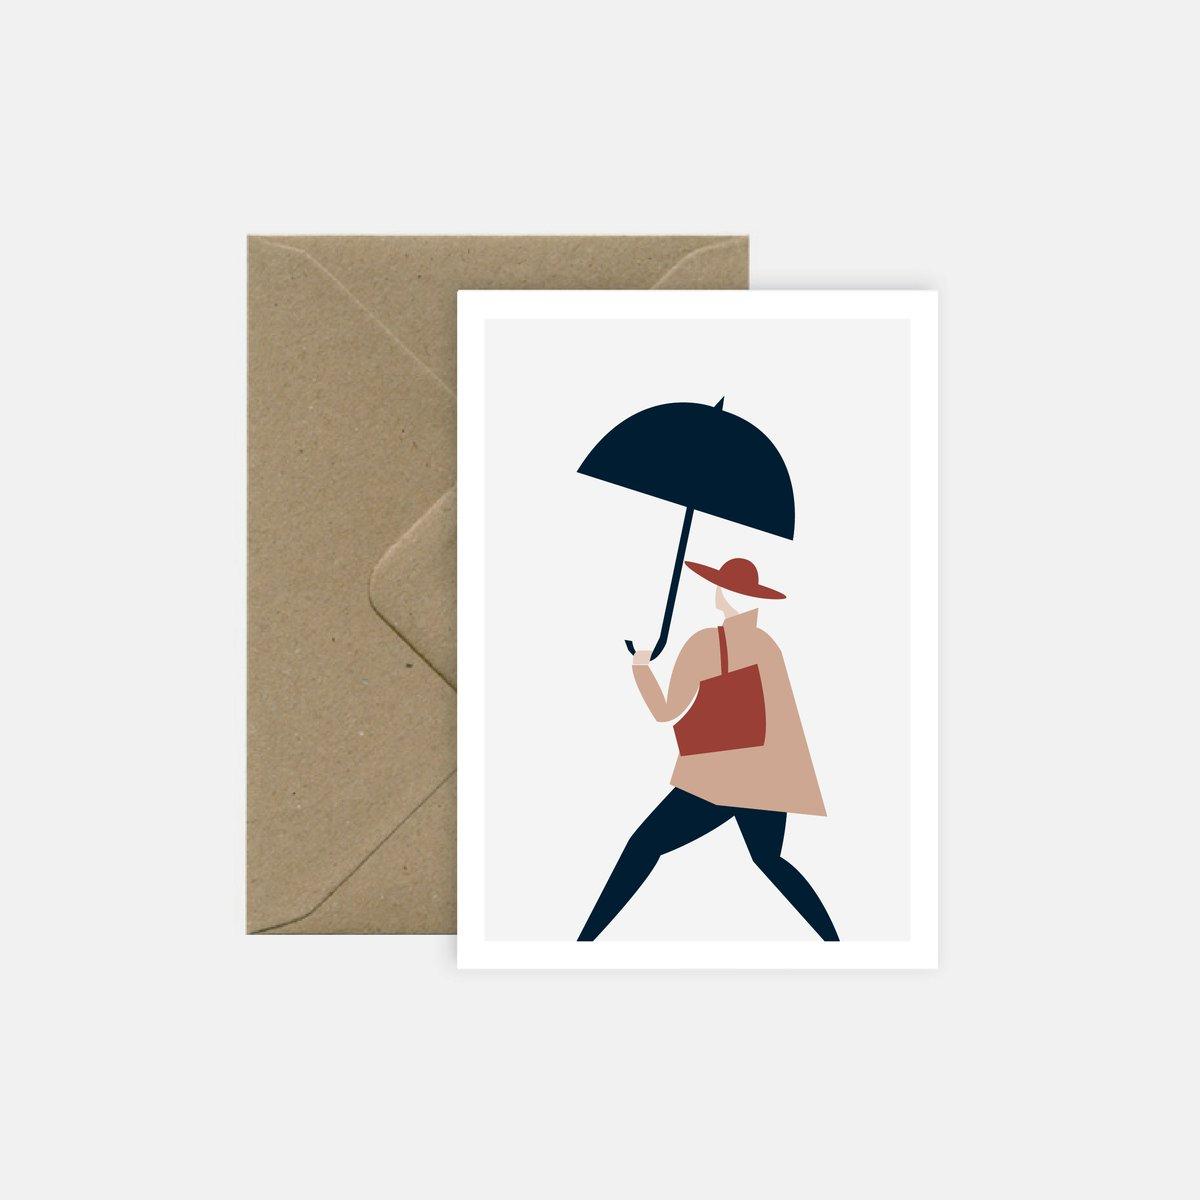 Image of Rainy days